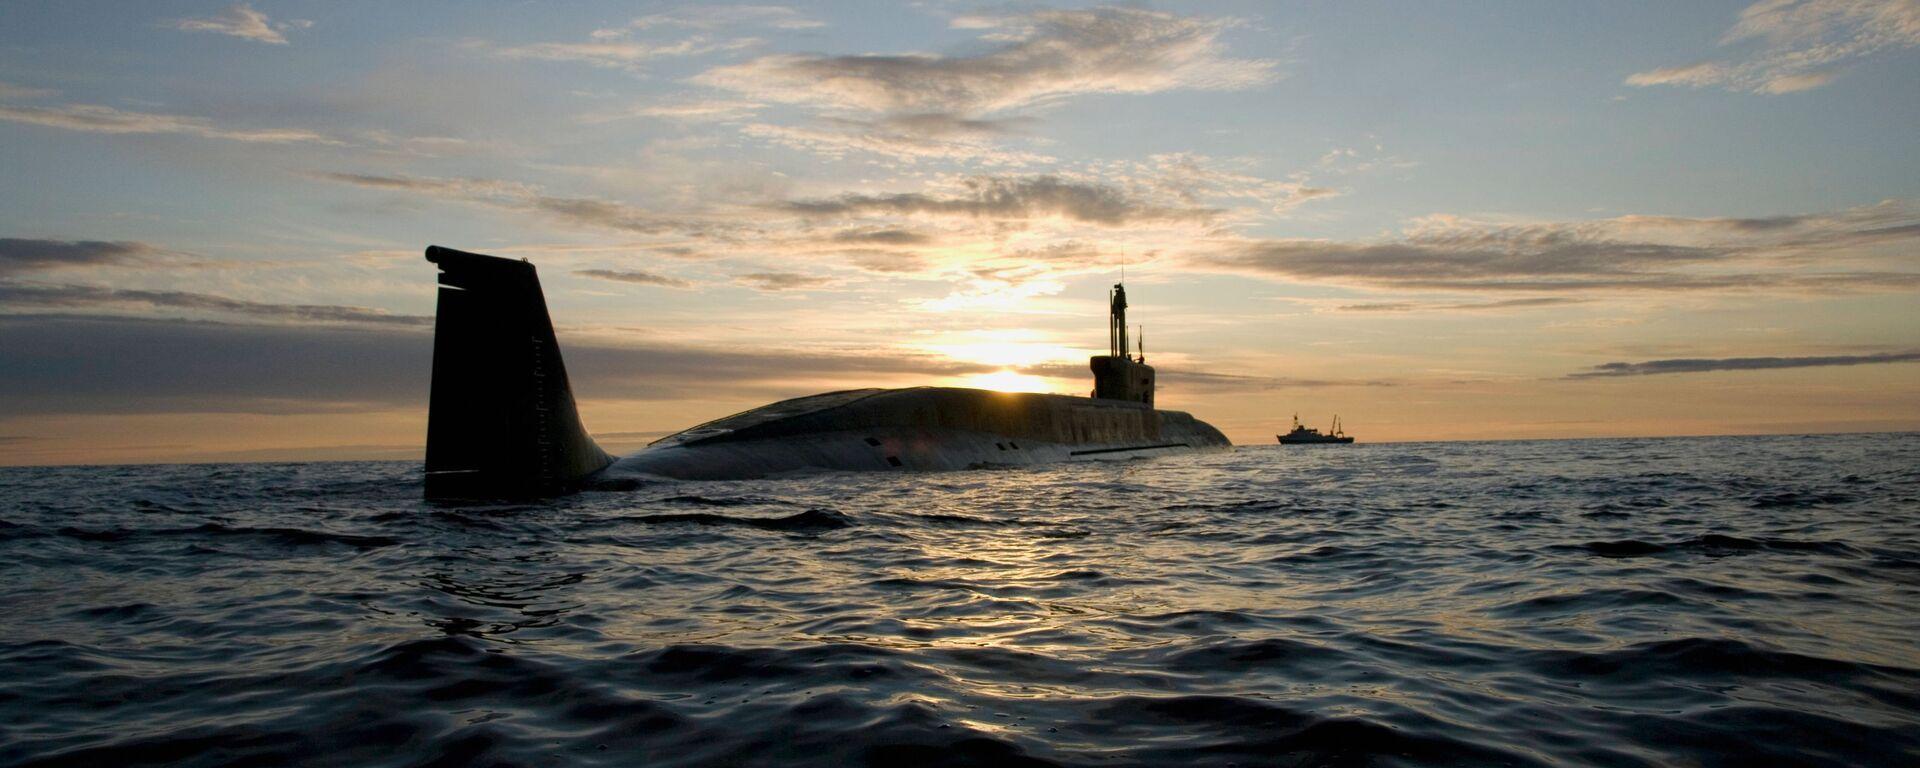 """Tàu ngầm hạt nhân của đề án 955 lớp """"Borey"""" """"Yury Dolgoruky"""" - Sputnik Việt Nam, 1920, 27.10.2020"""